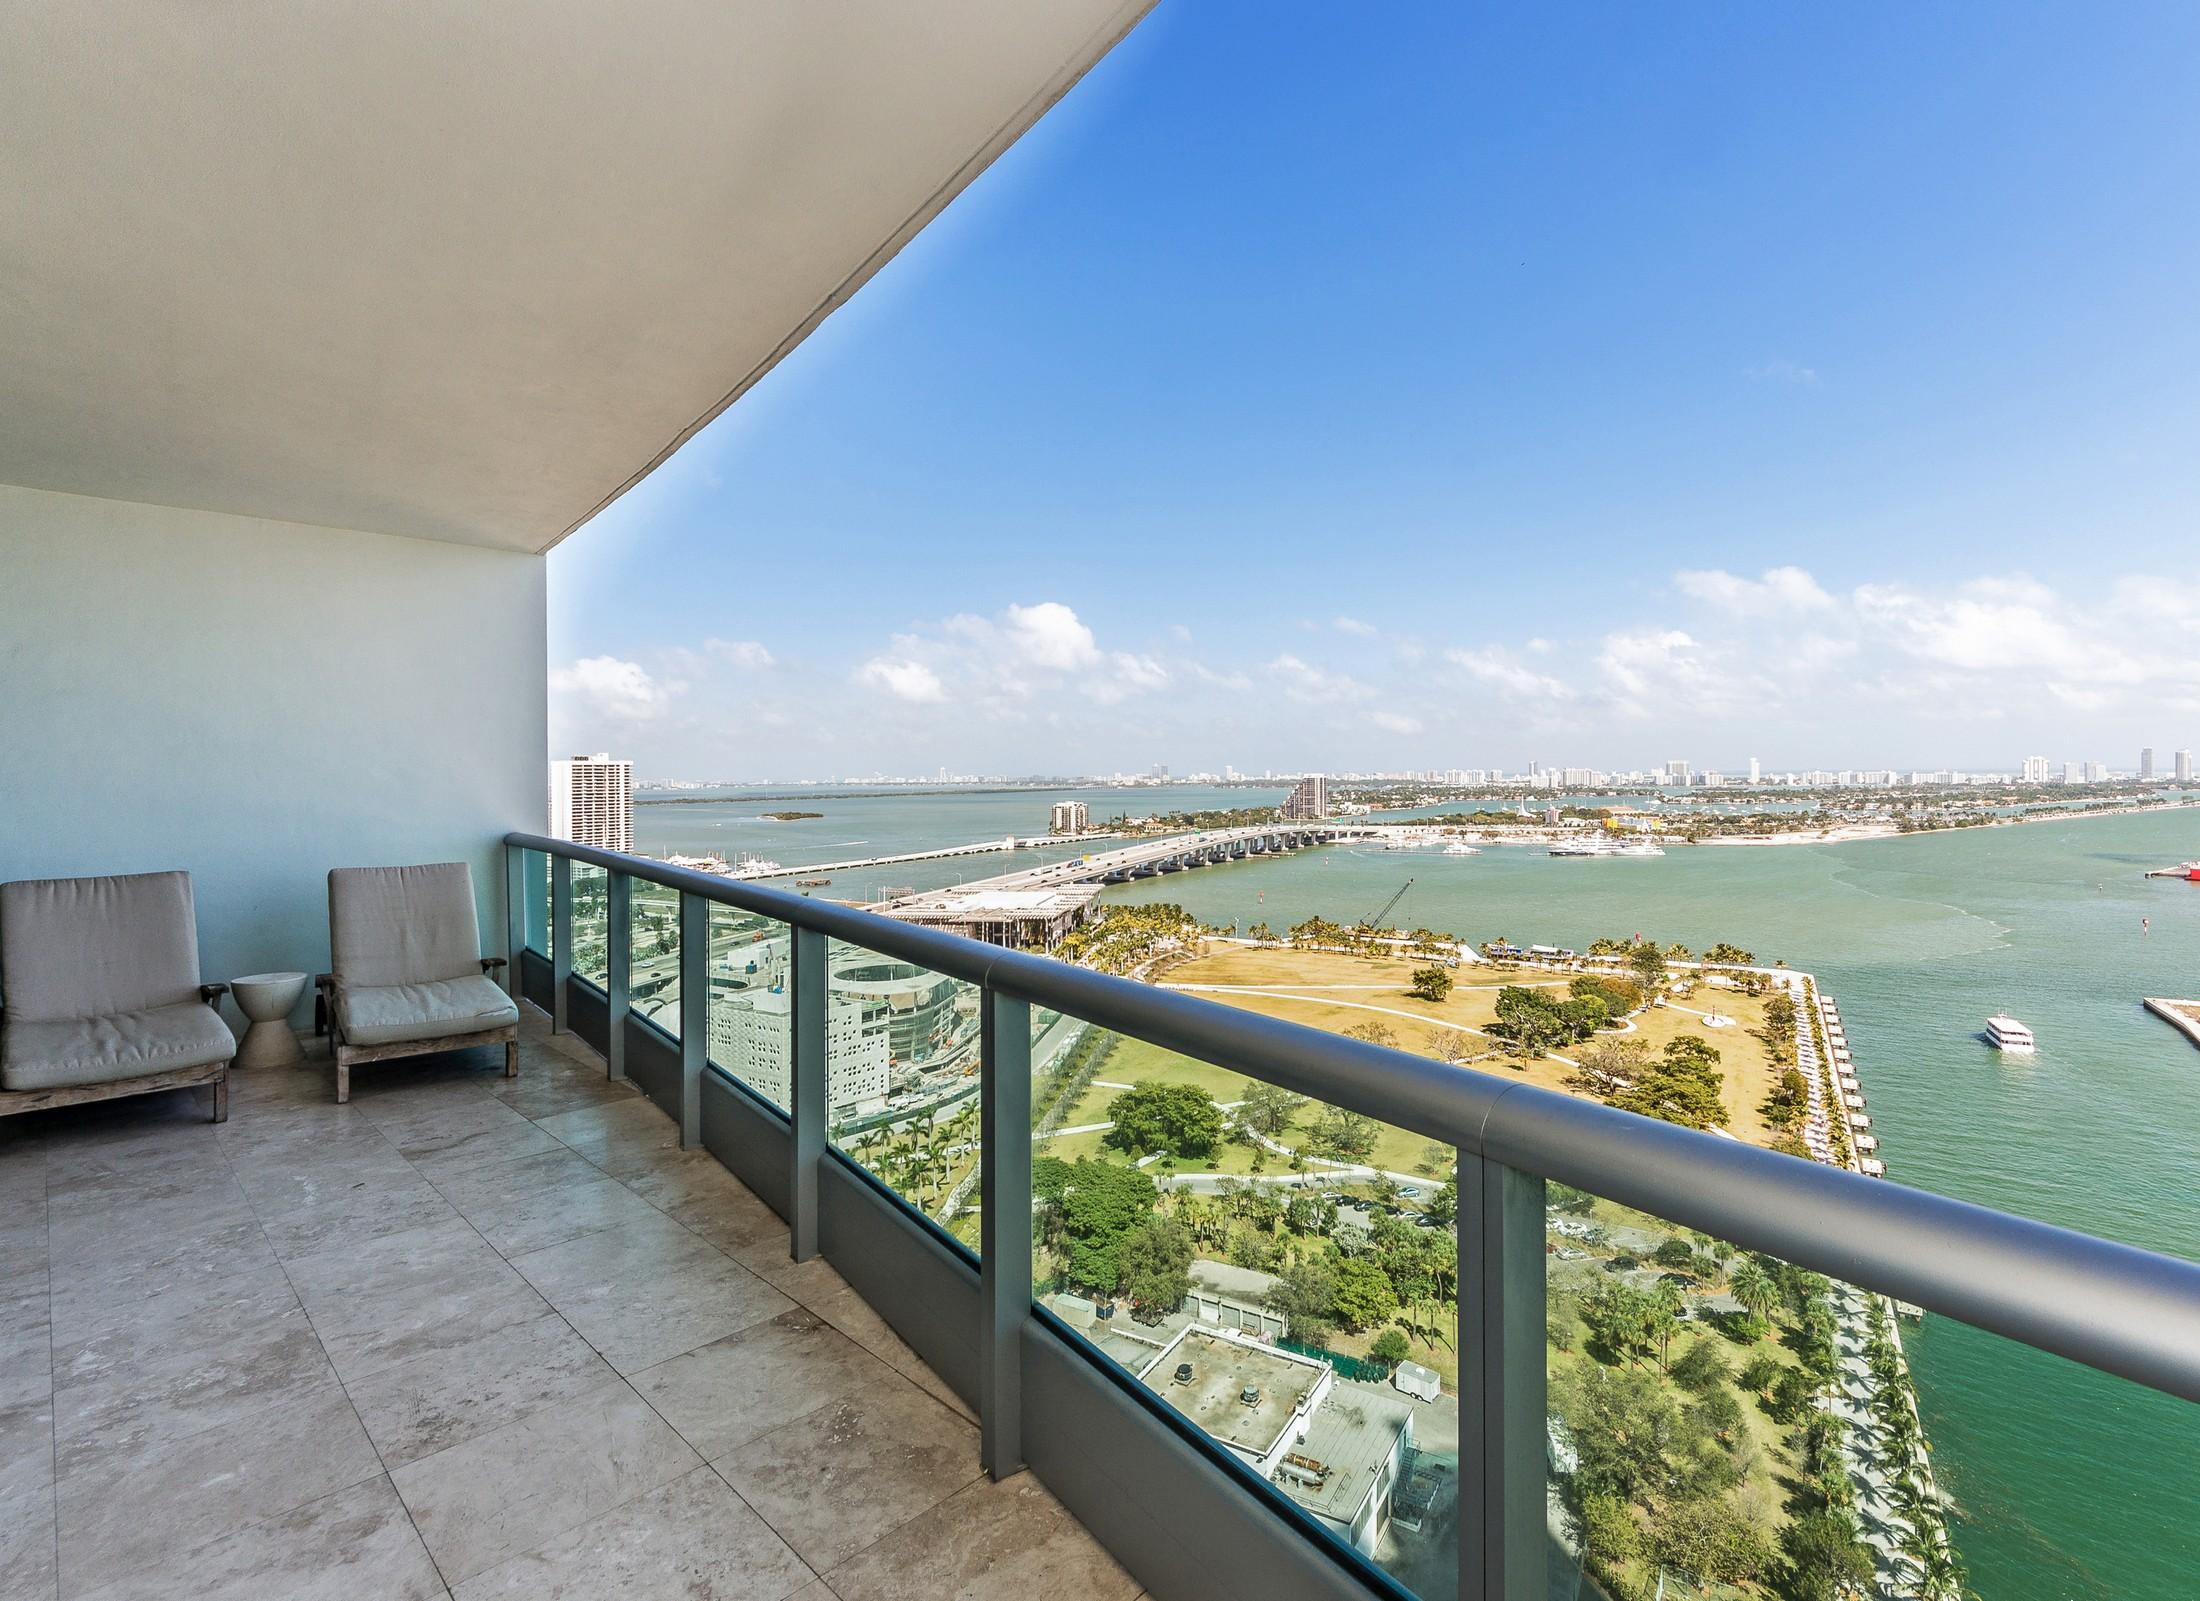 콘도미니엄 용 매매 에 900 Biscayne Blvd 2903 Miami, 플로리다, 33132 미국